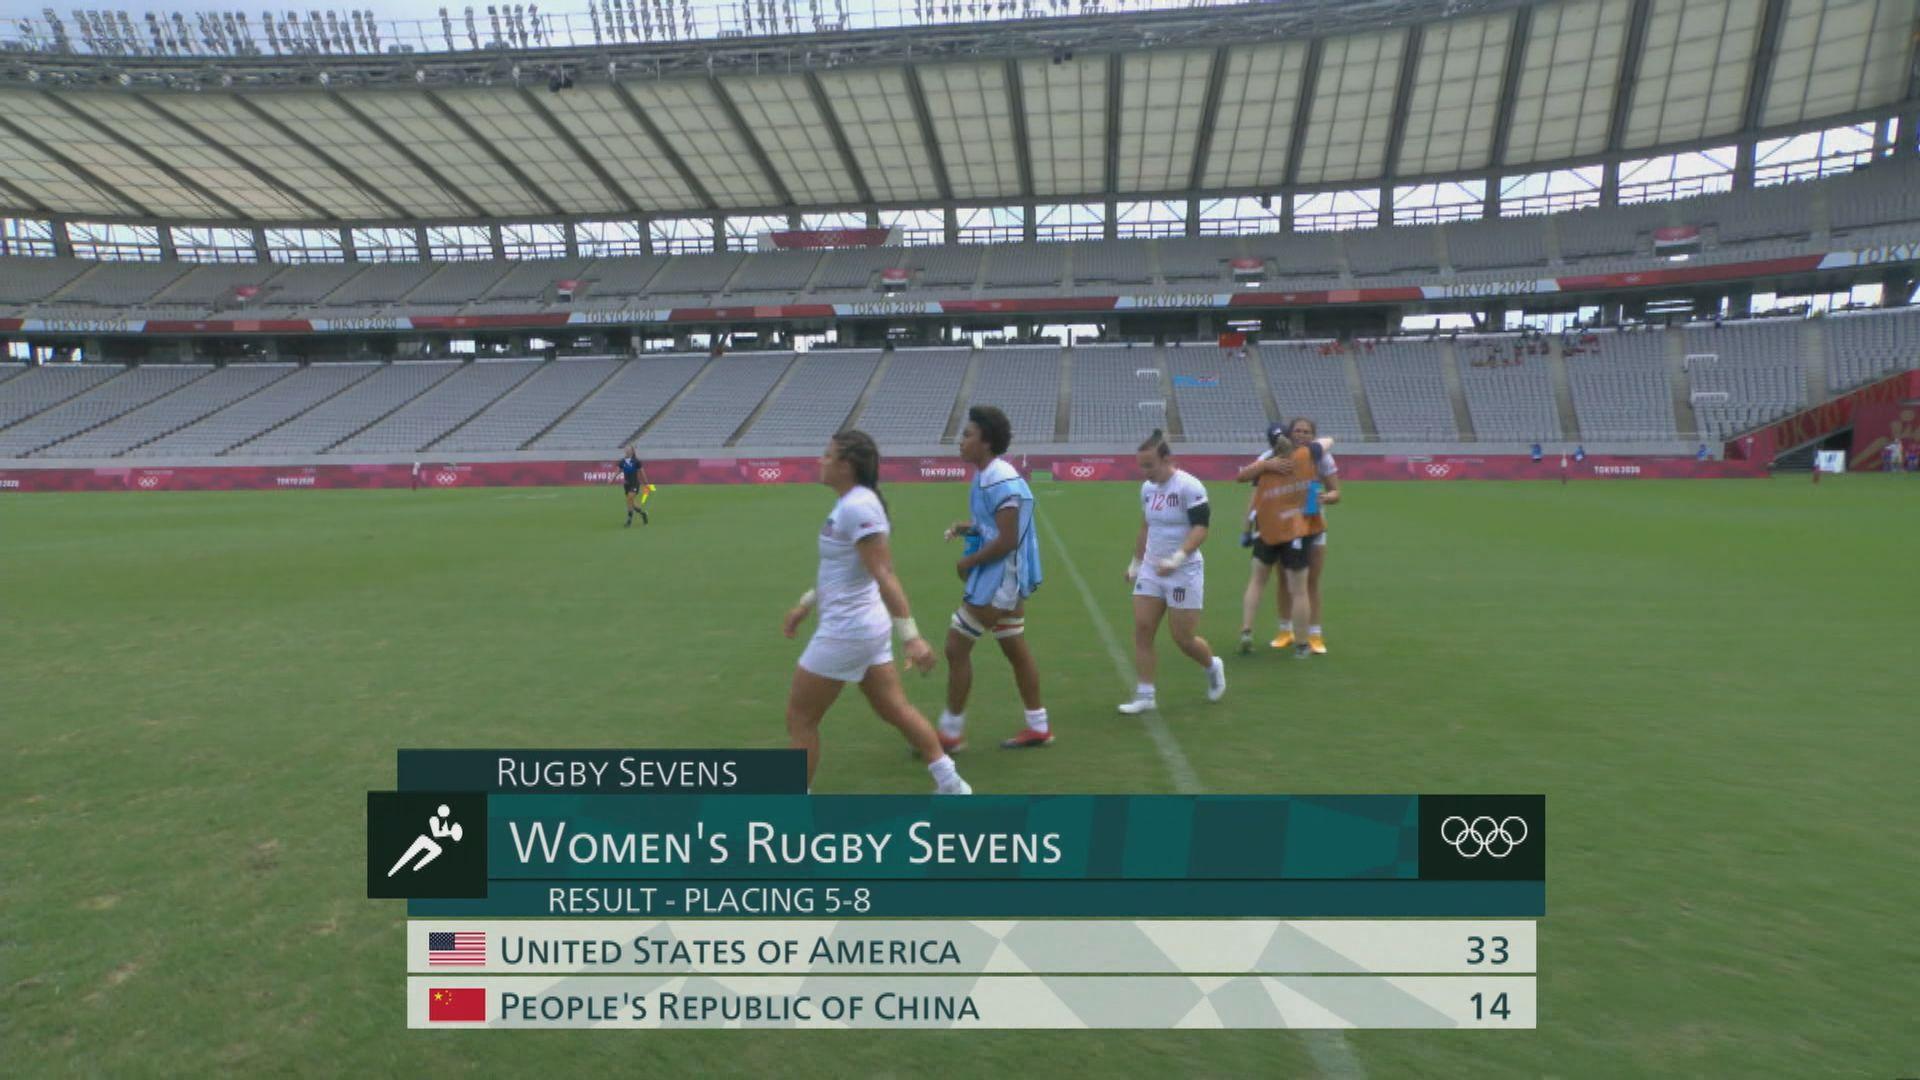 奧運女子七人欖球賽 中國隊最終排名第七